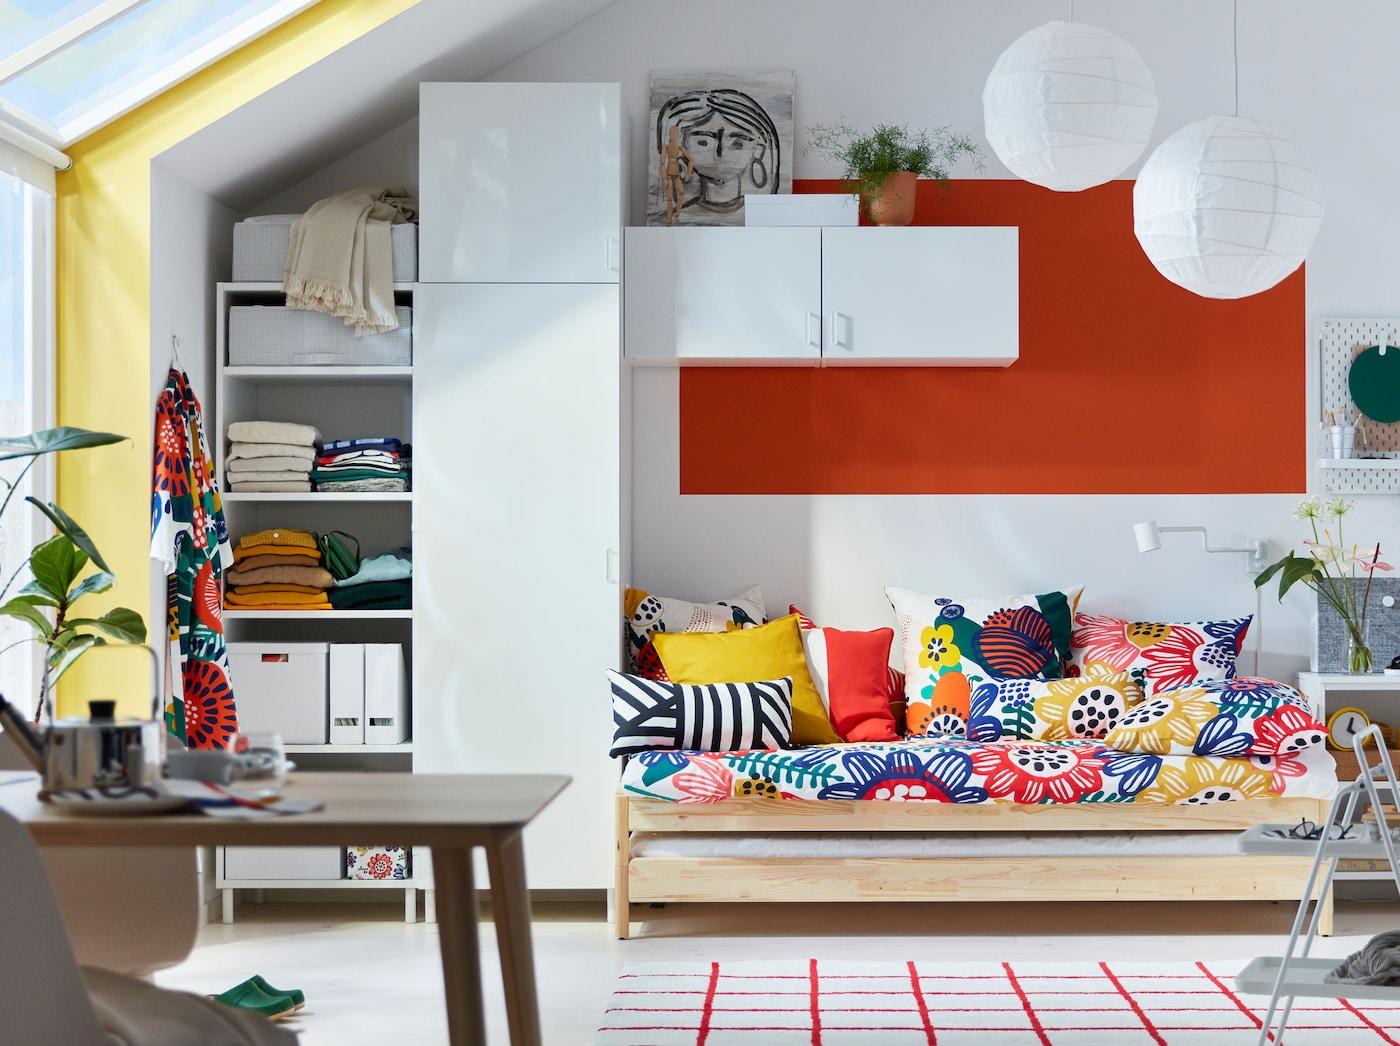 Ein offener Wohnbereich mit einem Bett mit vielen bunten Kissen, weißen Schränken & einem Tisch.